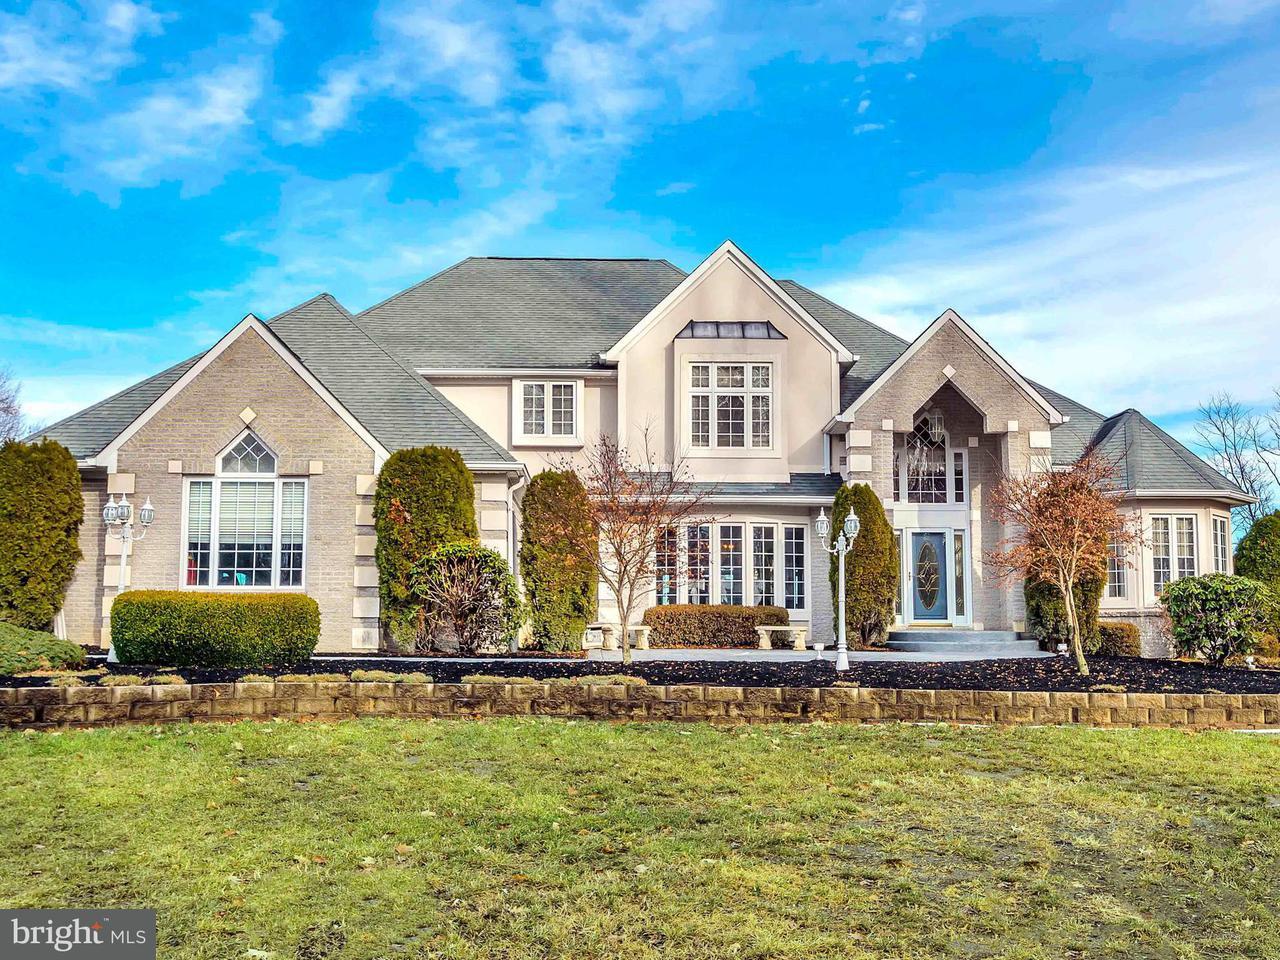 獨棟家庭住宅 為 出售 在 18 Potomac Overlook Lane 18 Potomac Overlook Lane Stafford, 弗吉尼亞州 22554 美國